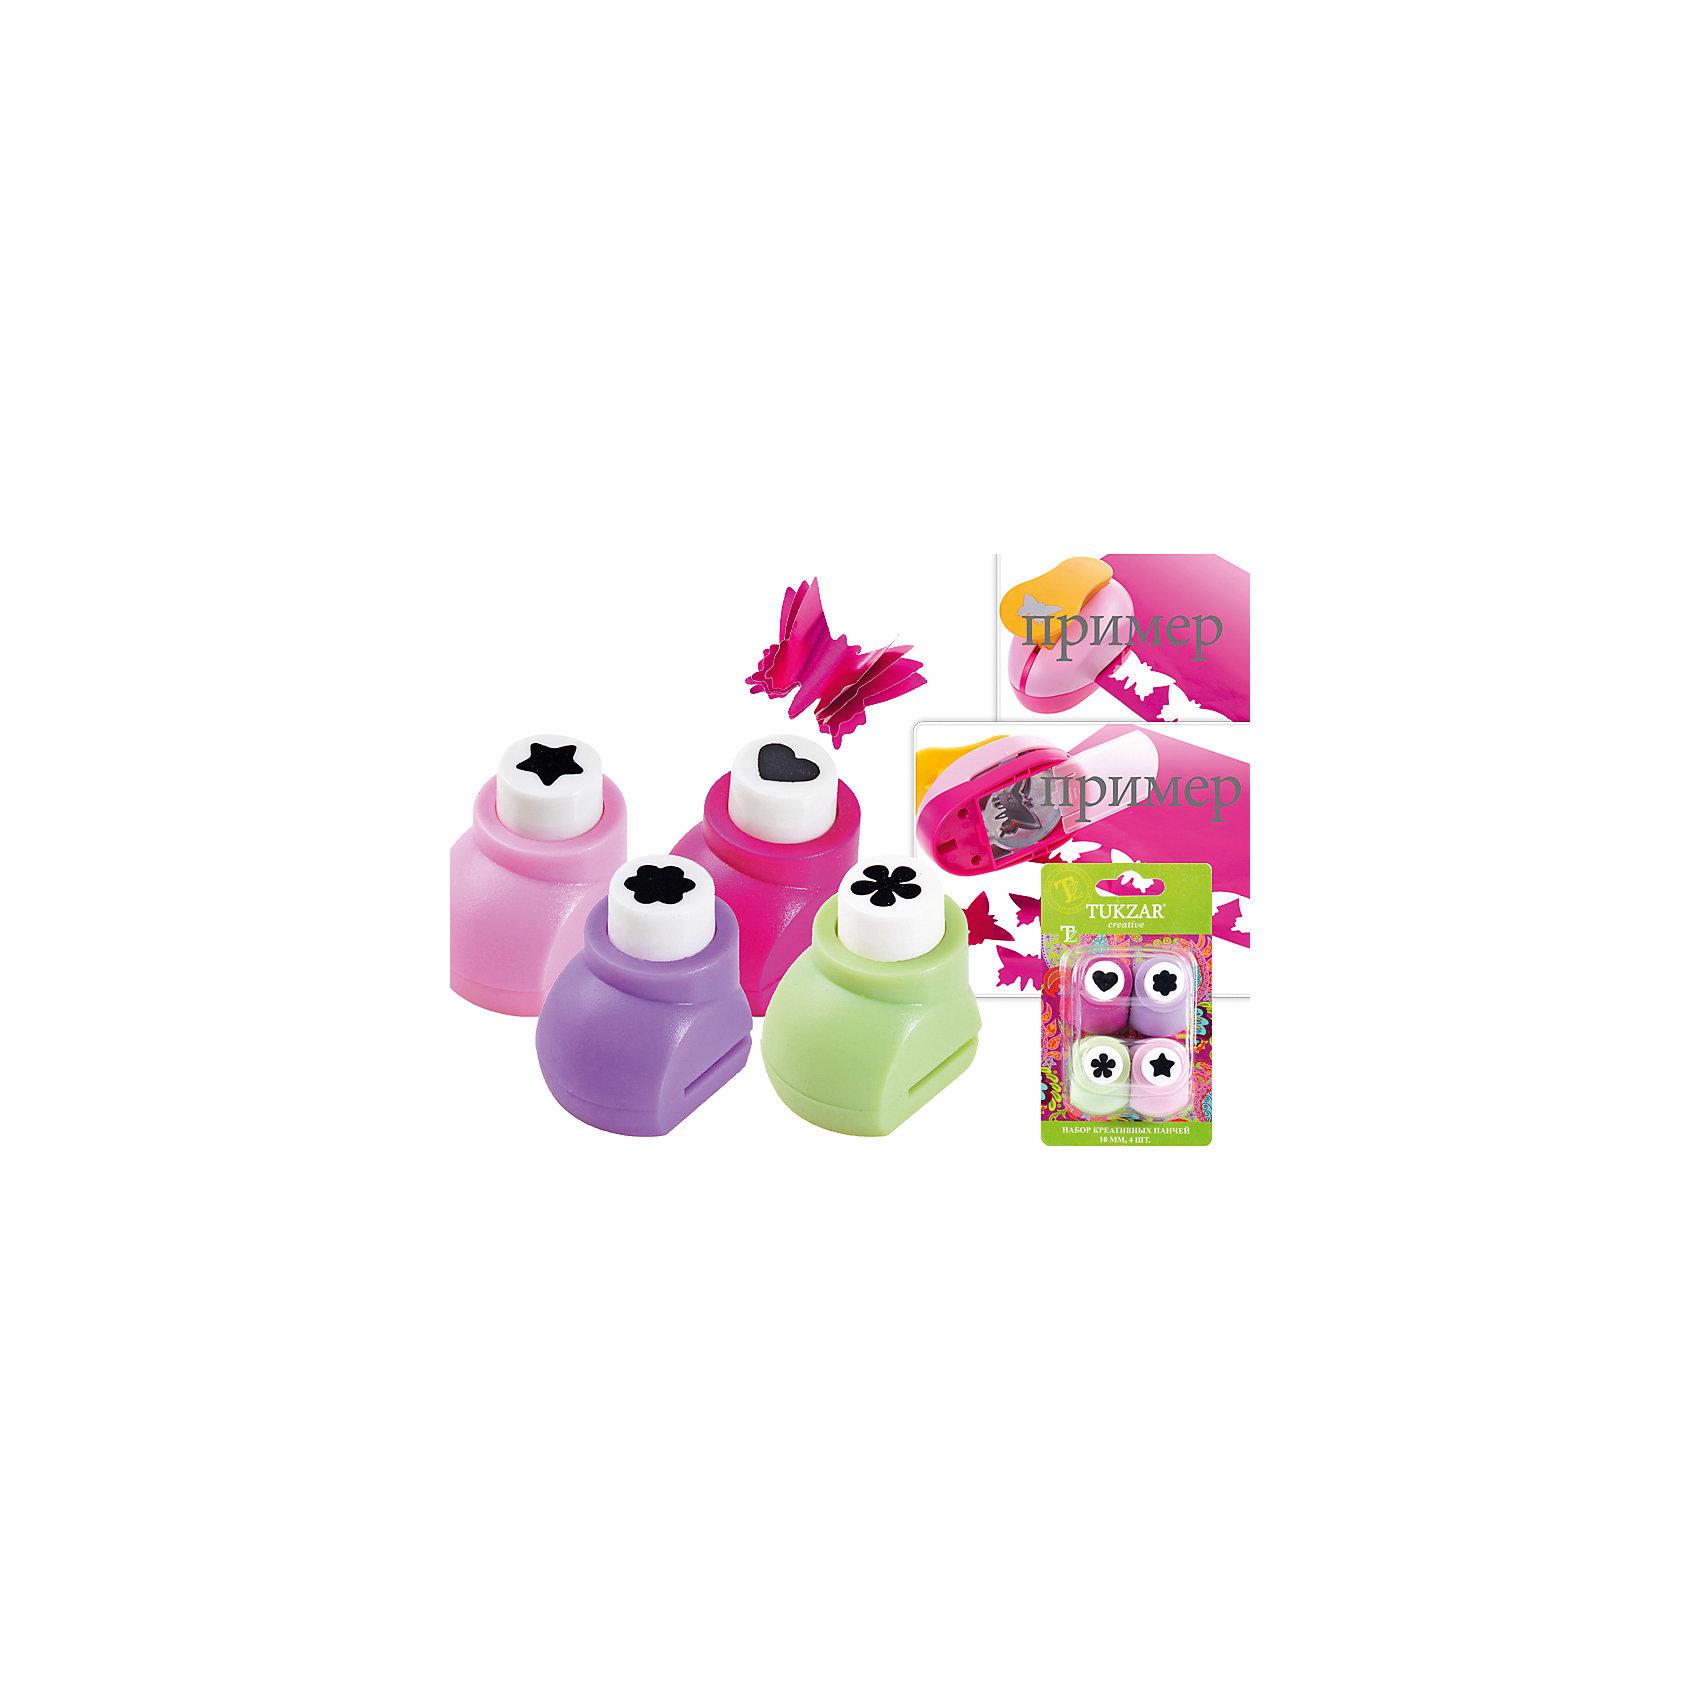 Набор креативных панчей (10 мм), 4 штНабор креативных панчей (10 мм), 4 шт от известного торгового бренда канцелярских товаров и товаров для творчества TUKZAR. Панчи – это дыроколы, позволяющие создавать фигурные конфетти или оформлять выбитыми узорами различные поделки из бумаги. Креативные панчи от TUKZAR выполнены в пластиковом корпусе, лезвия полностью закрыты, что обеспечивает безопасность даже для самых маленьких творцов. Ажурные дыроколы могут быть использованы для бумаги, тонкого картона или фольги.<br>Набор состоит из панчей с четырьмя разными узорами: звездочка, сердечко и 2 цветочка, упакованы в блистер.  <br><br>Дополнительная информация:<br><br>- Предназначение: для творческих занятий и оформительских работ <br>- Материал: пластик, металл<br>- Диаметр: 1 см<br>- Комплектация: 4 разноцветных панча с узорами звездочки, сердечка и 2 разных цветочка<br>- Упаковка: блистер<br><br>Подробнее:<br><br>• Для детей в возрасте: от 3 лет <br>• Страна производитель: Китай<br>• Торговый бренд: TUKZAR<br><br>Набор креативных панчей (10 мм), 4 шт можно купить в нашем интернет-магазине.<br><br>Ширина мм: 100<br>Глубина мм: 50<br>Высота мм: 50<br>Вес г: 400<br>Возраст от месяцев: 36<br>Возраст до месяцев: 192<br>Пол: Женский<br>Возраст: Детский<br>SKU: 5001378